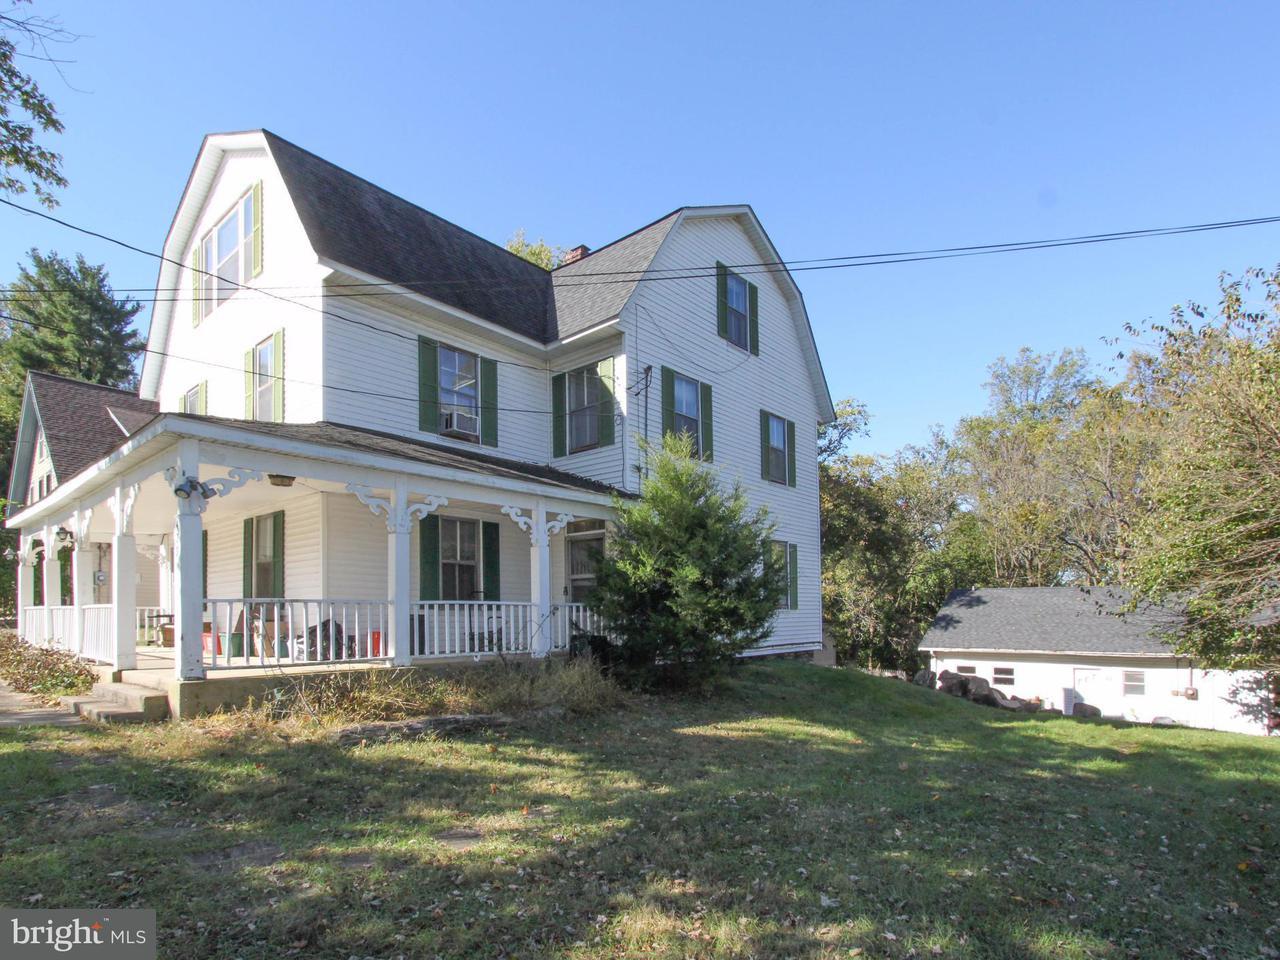 獨棟家庭住宅 為 出售 在 429 PROSPECT Street 429 PROSPECT Street Harpers Ferry, 西佛吉尼亞州 25425 美國